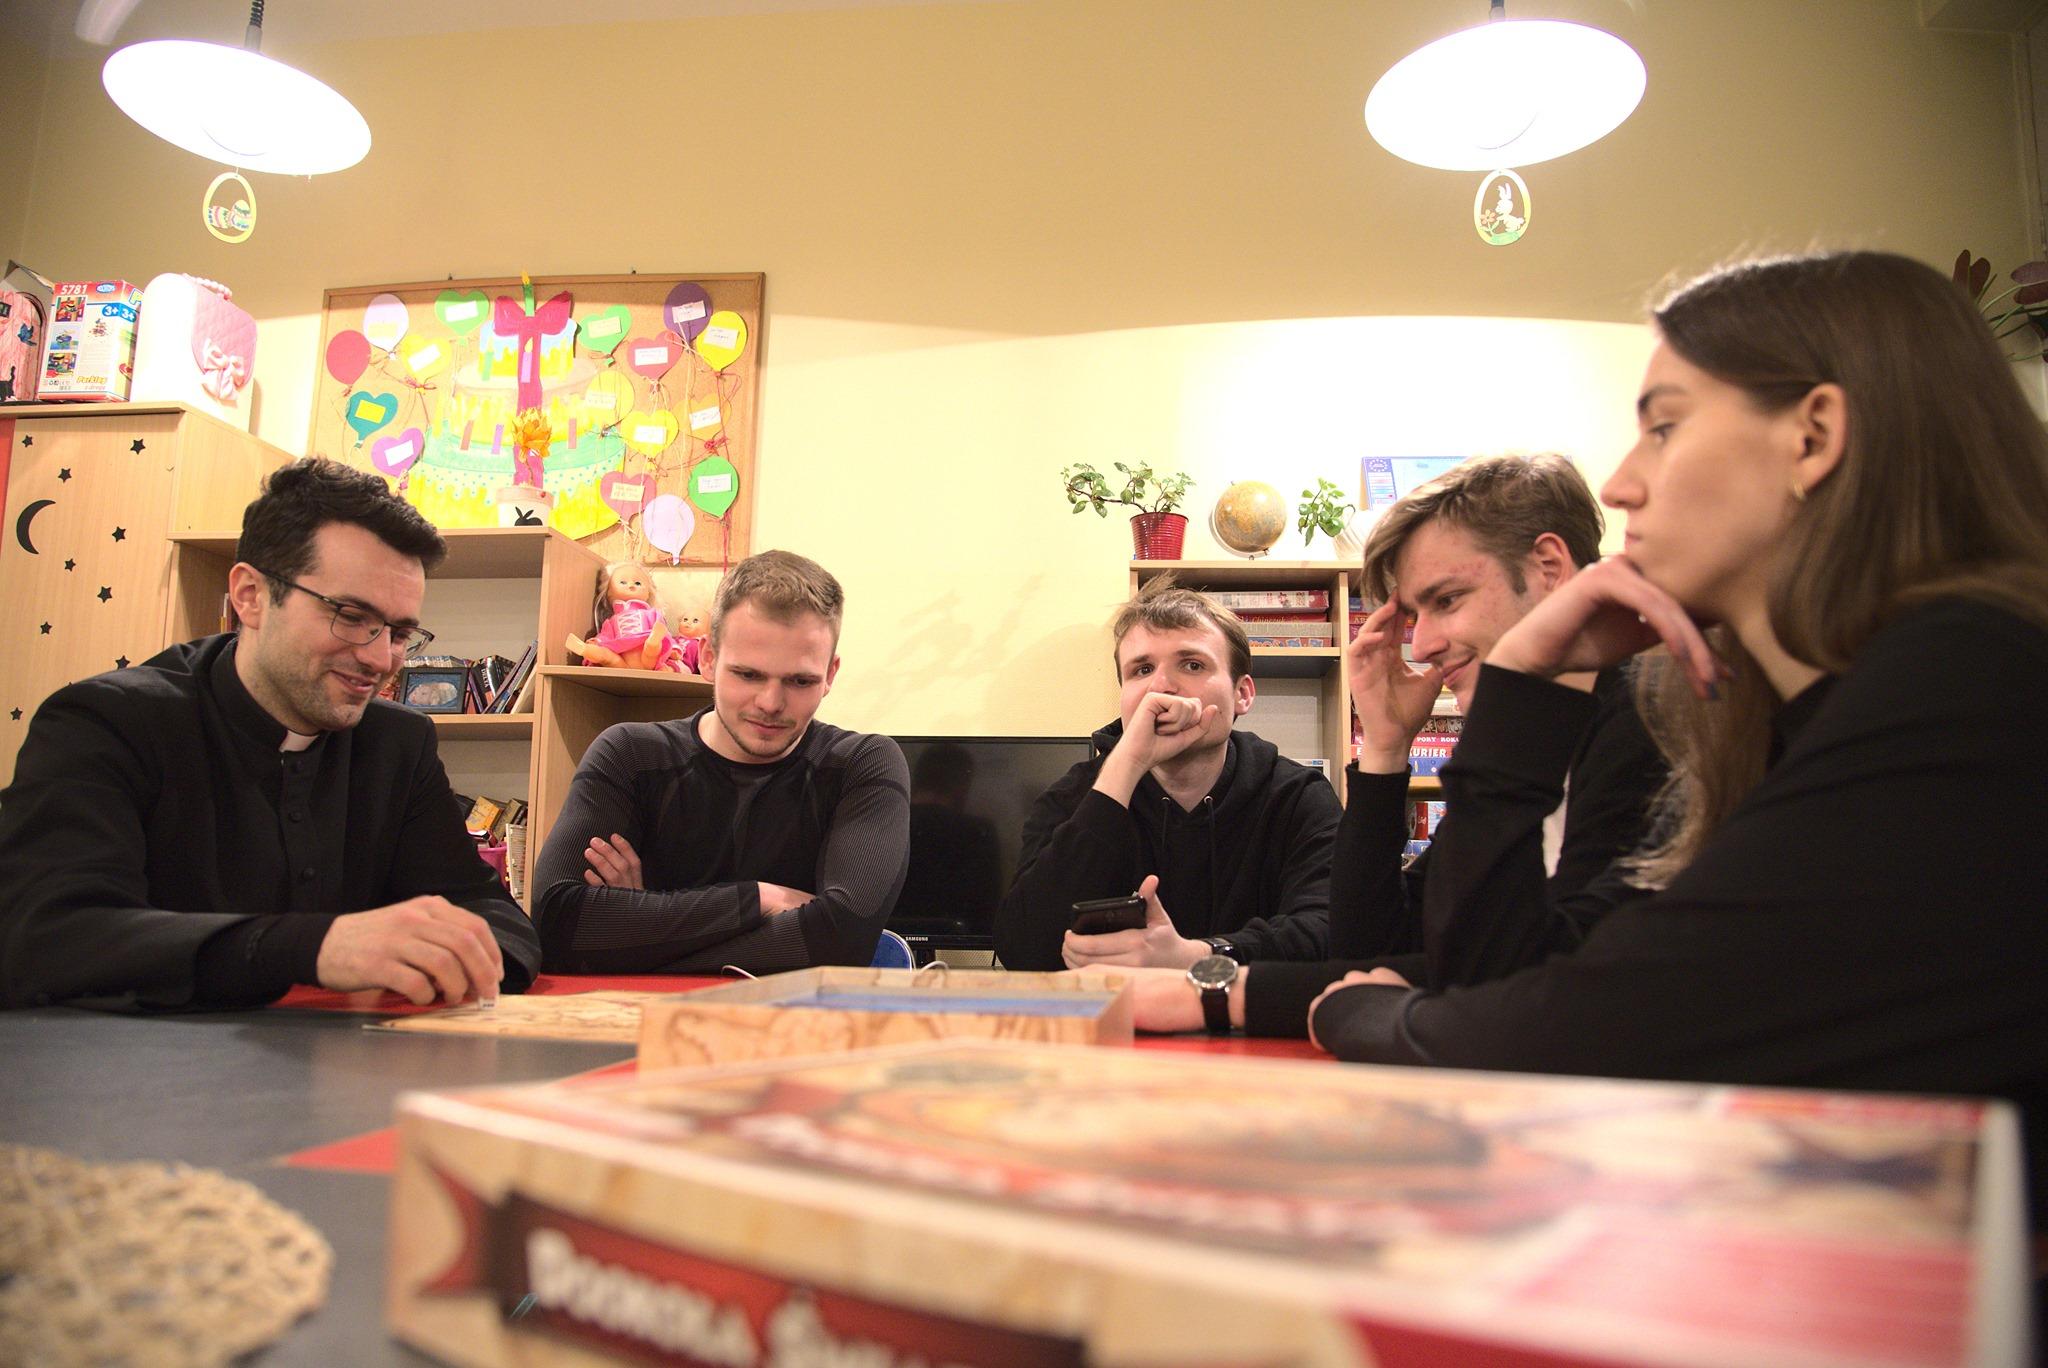 W Mielcu powstała grupa dla młodzieży 19+. Pierwsze spotkanie już jutro - Zdjęcie główne